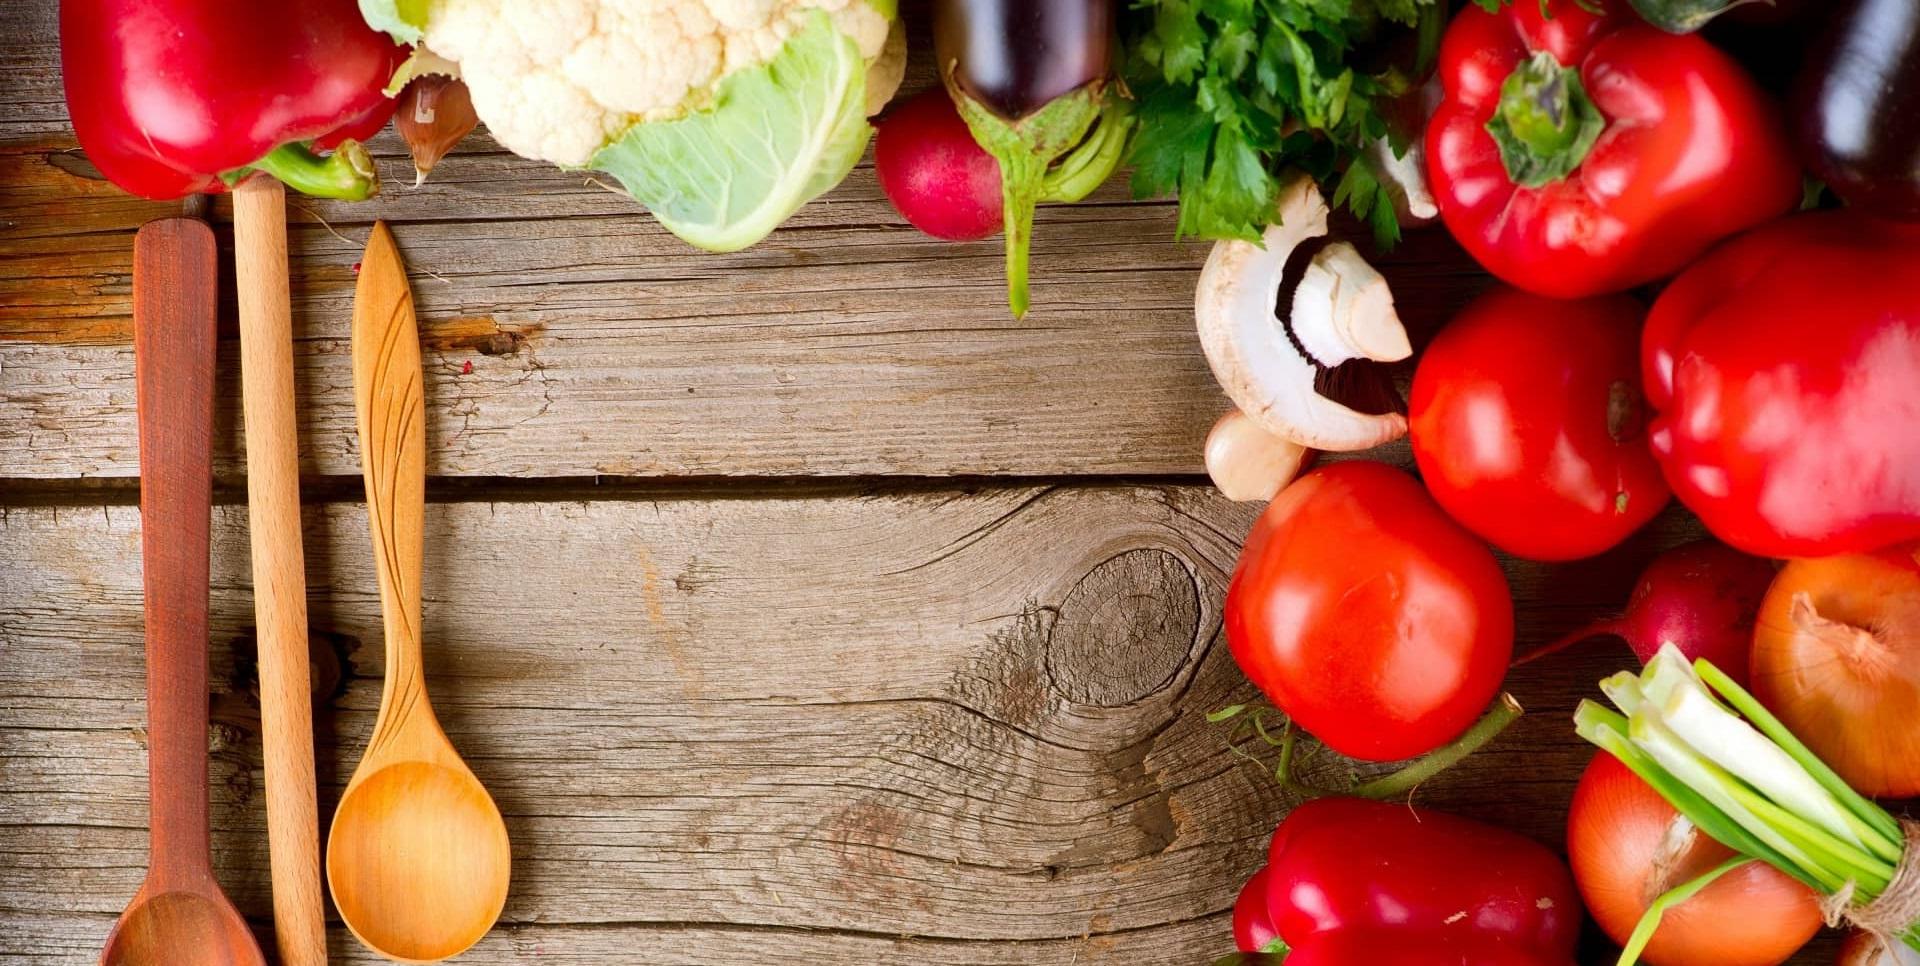 Kinh nghiệm mở cửa hàng kinh doanh thực phẩm sạch